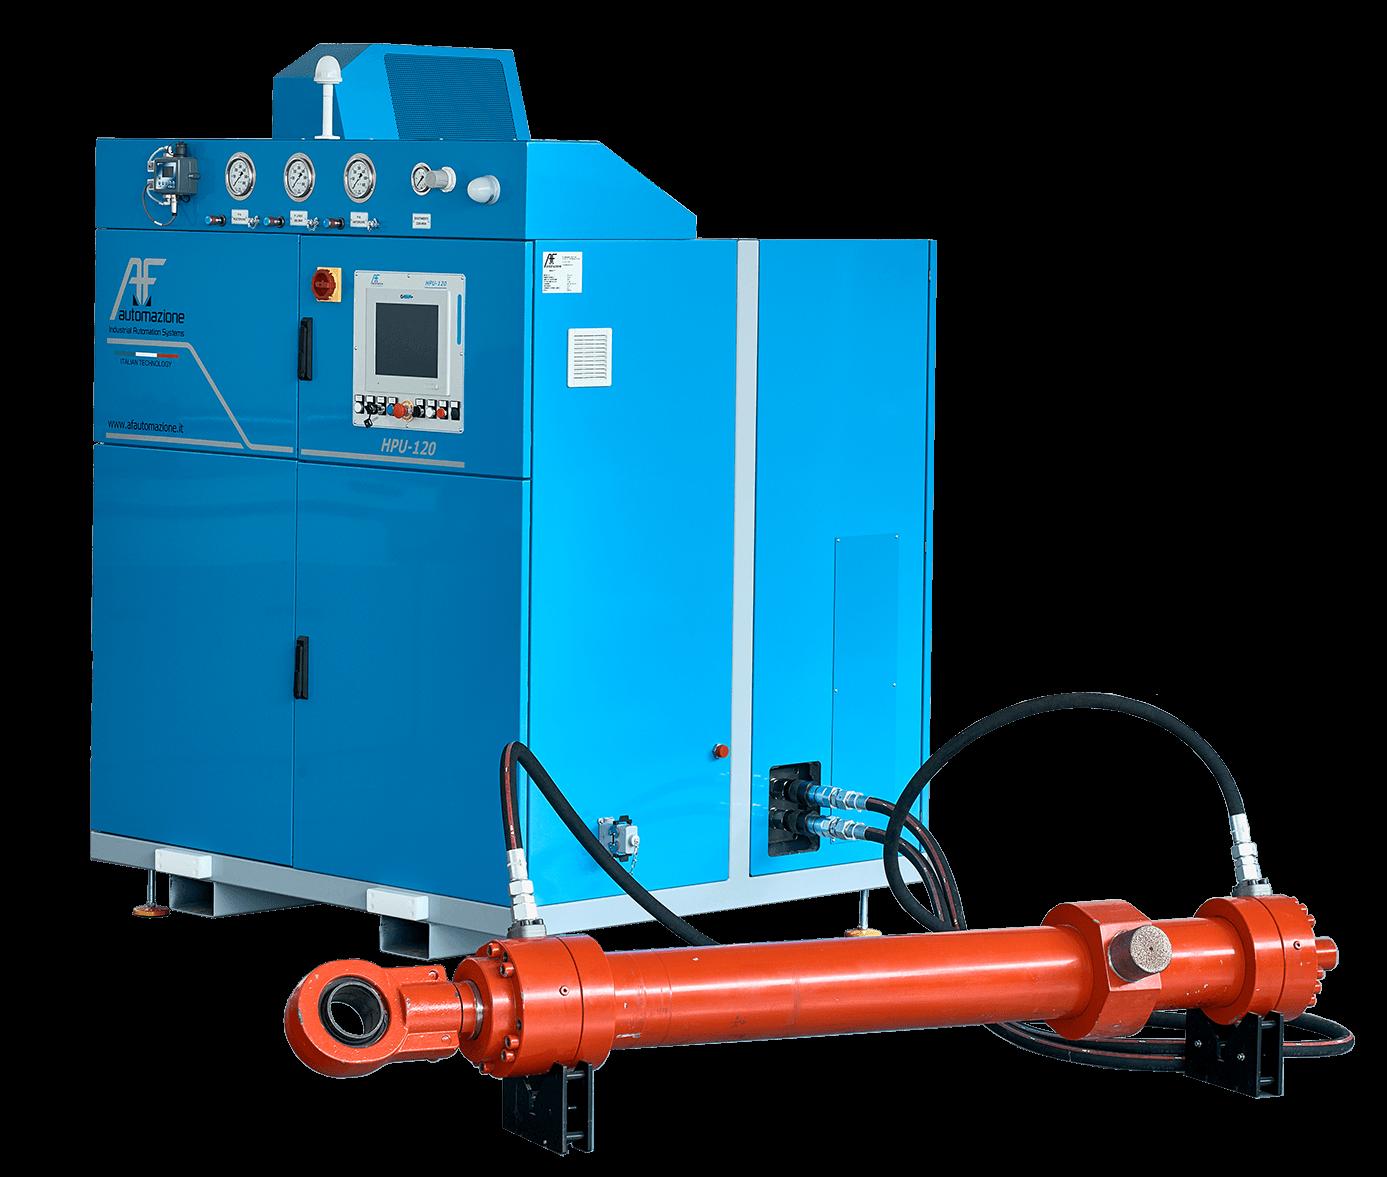 The hydraulic power unit 3